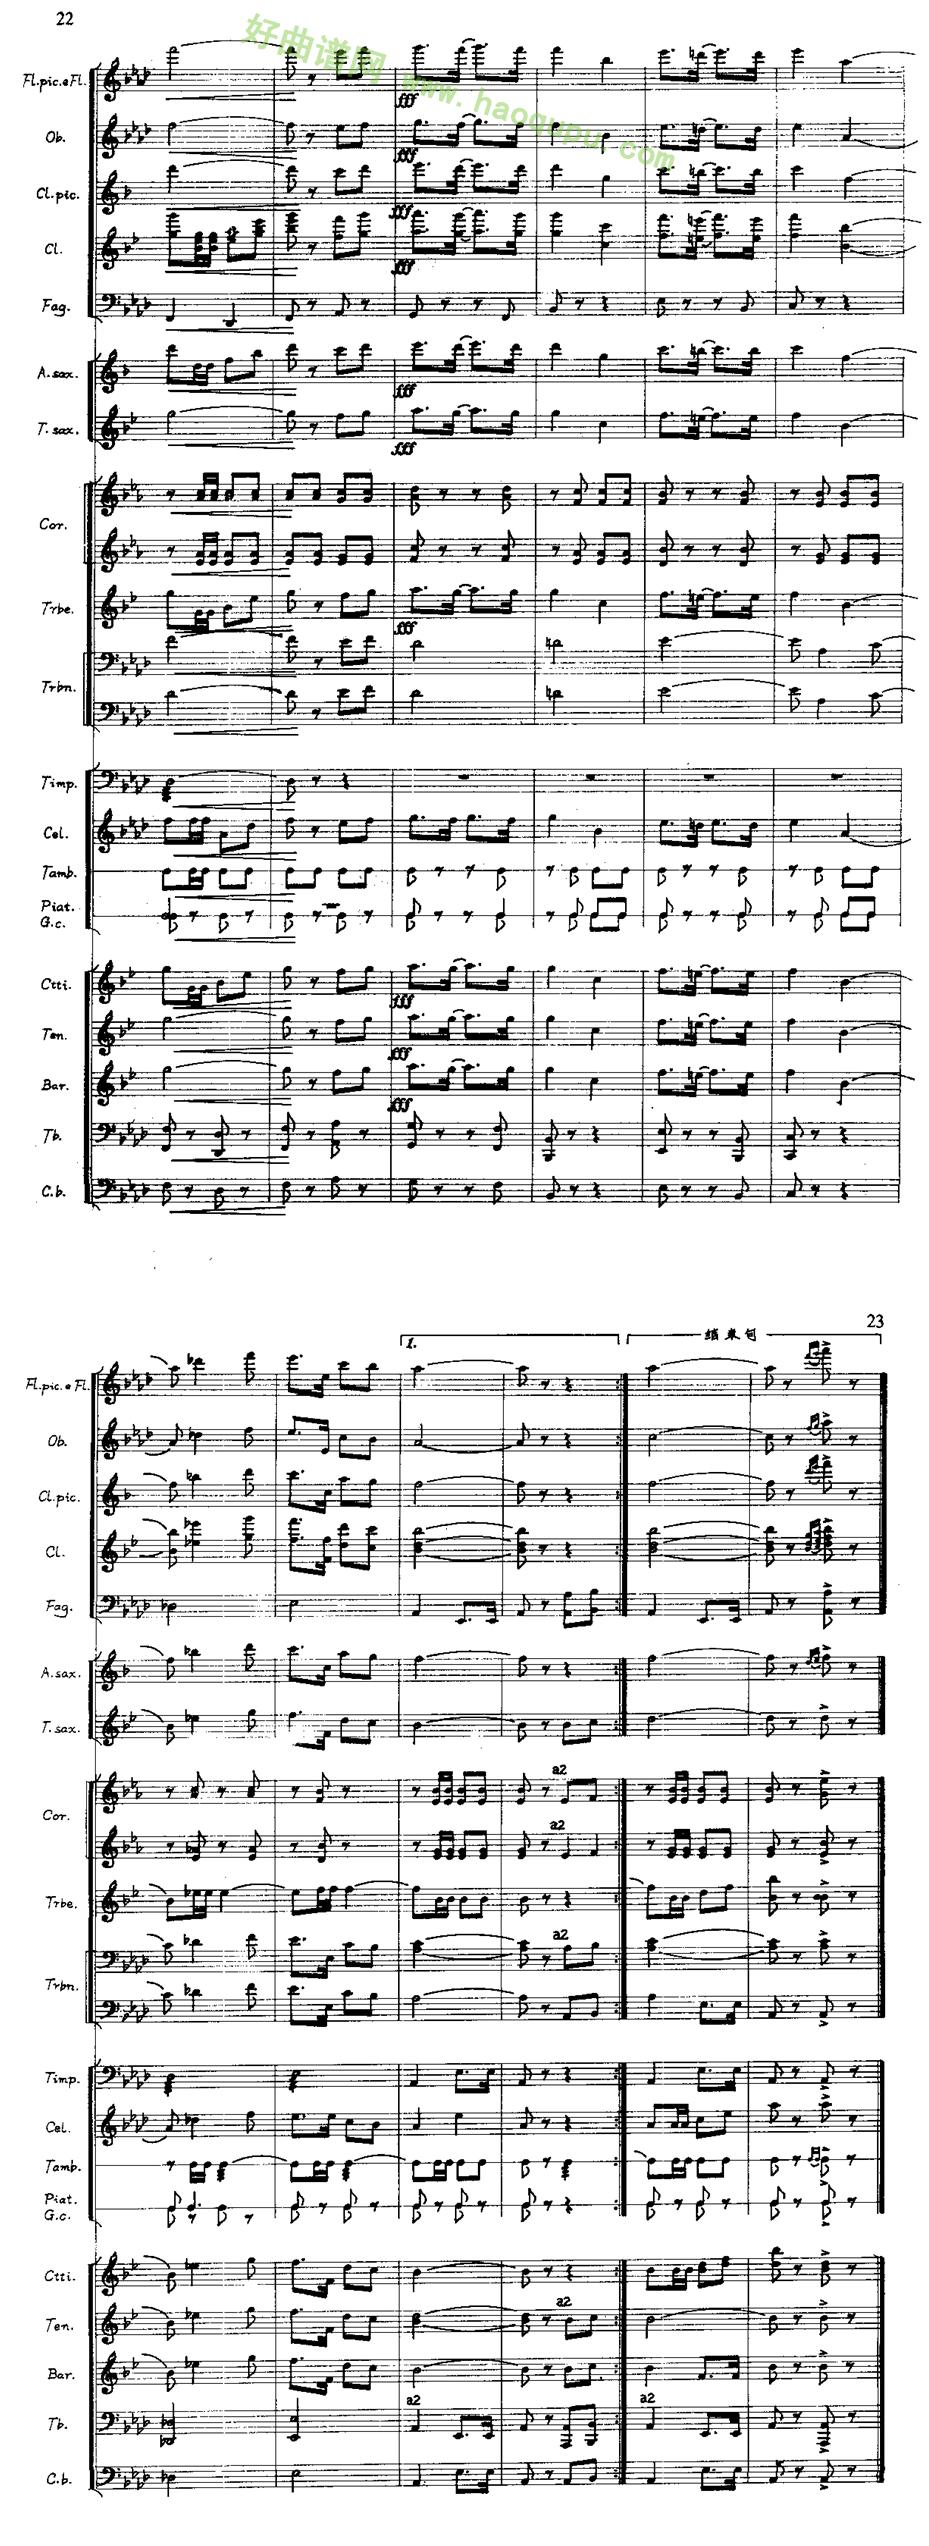 《军威进行曲》(军乐)(线谱)管乐总谱第9张